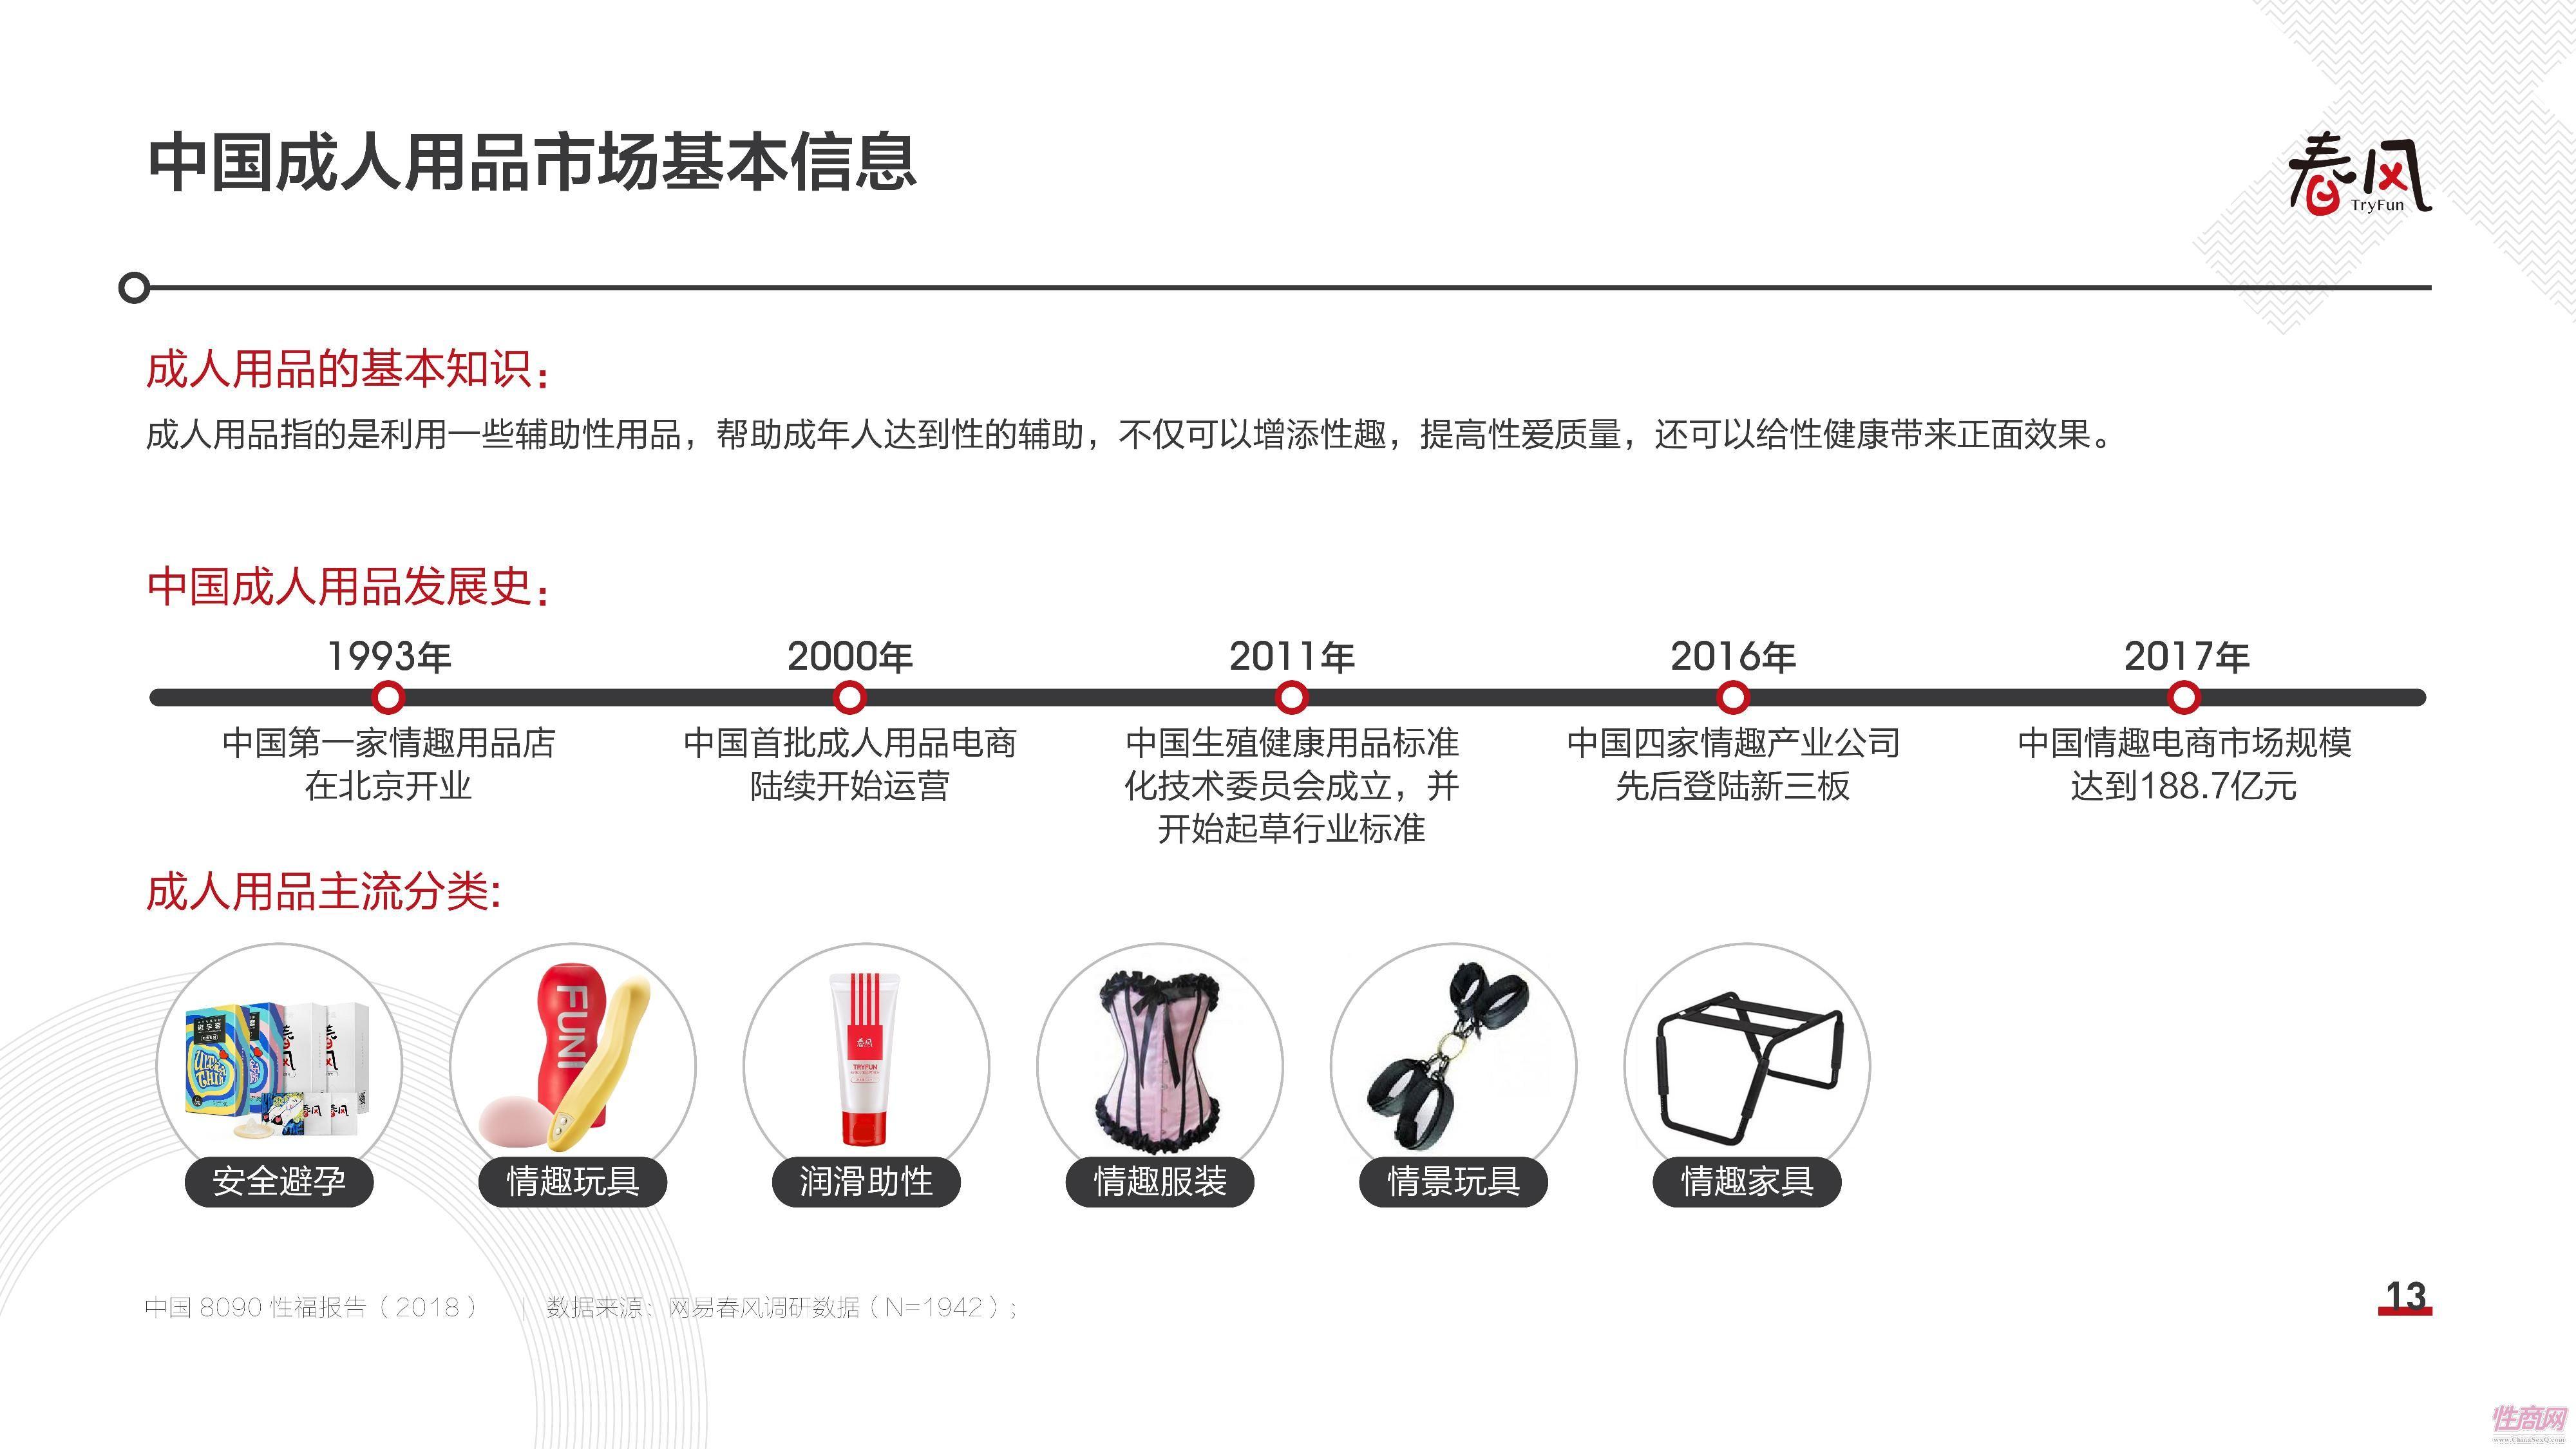 18中国8090性福报告 (12)